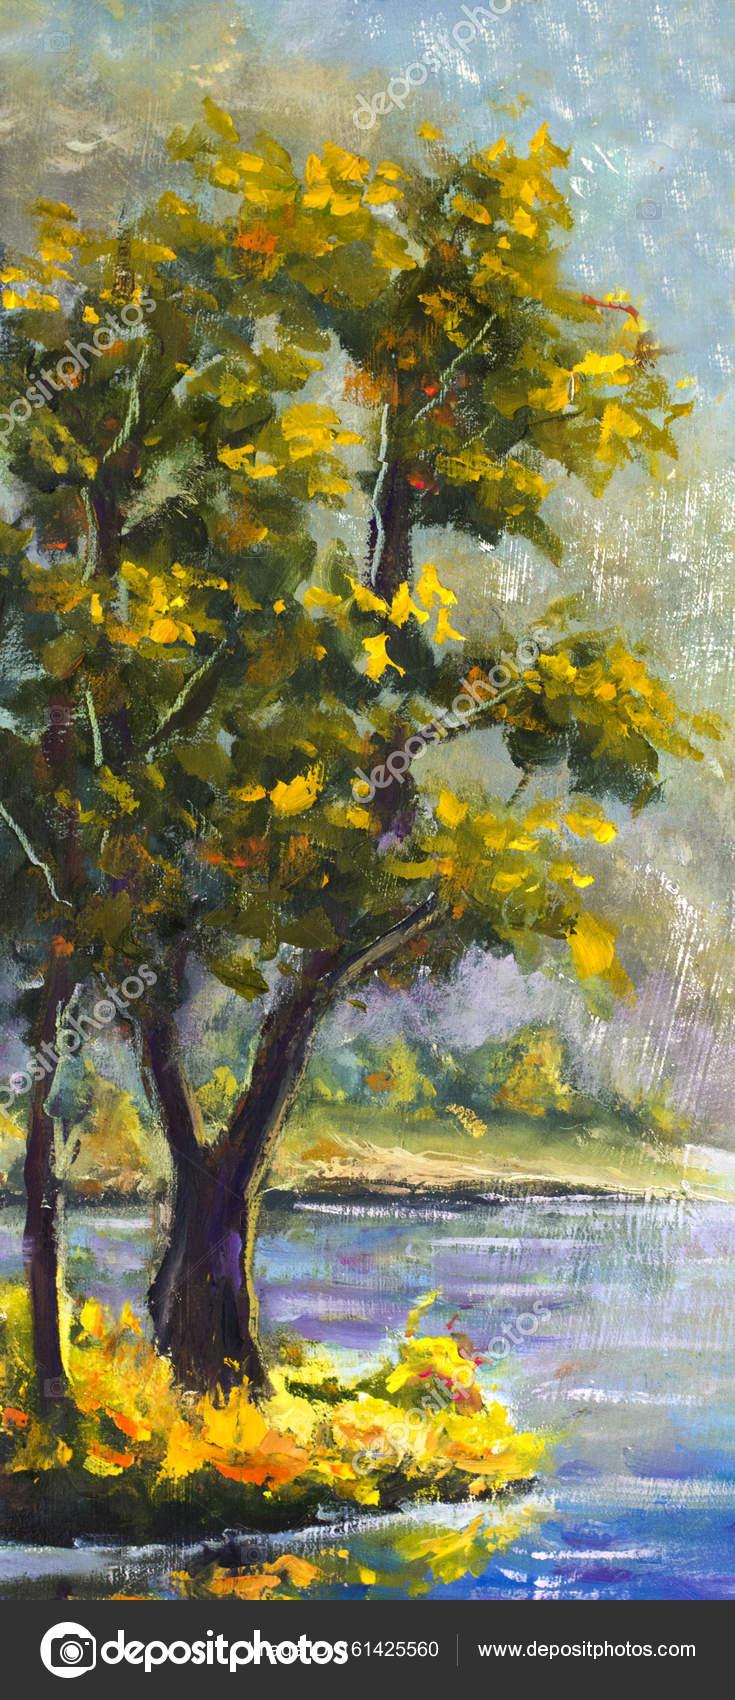 Originele Handbeschilderd Olieverfschilderij Groene Naaldboom Op Canvas Schilderij Kleurrijke Pine Tree Modern Impressionisme Kunst Stockfoto C Weris7554 161425560